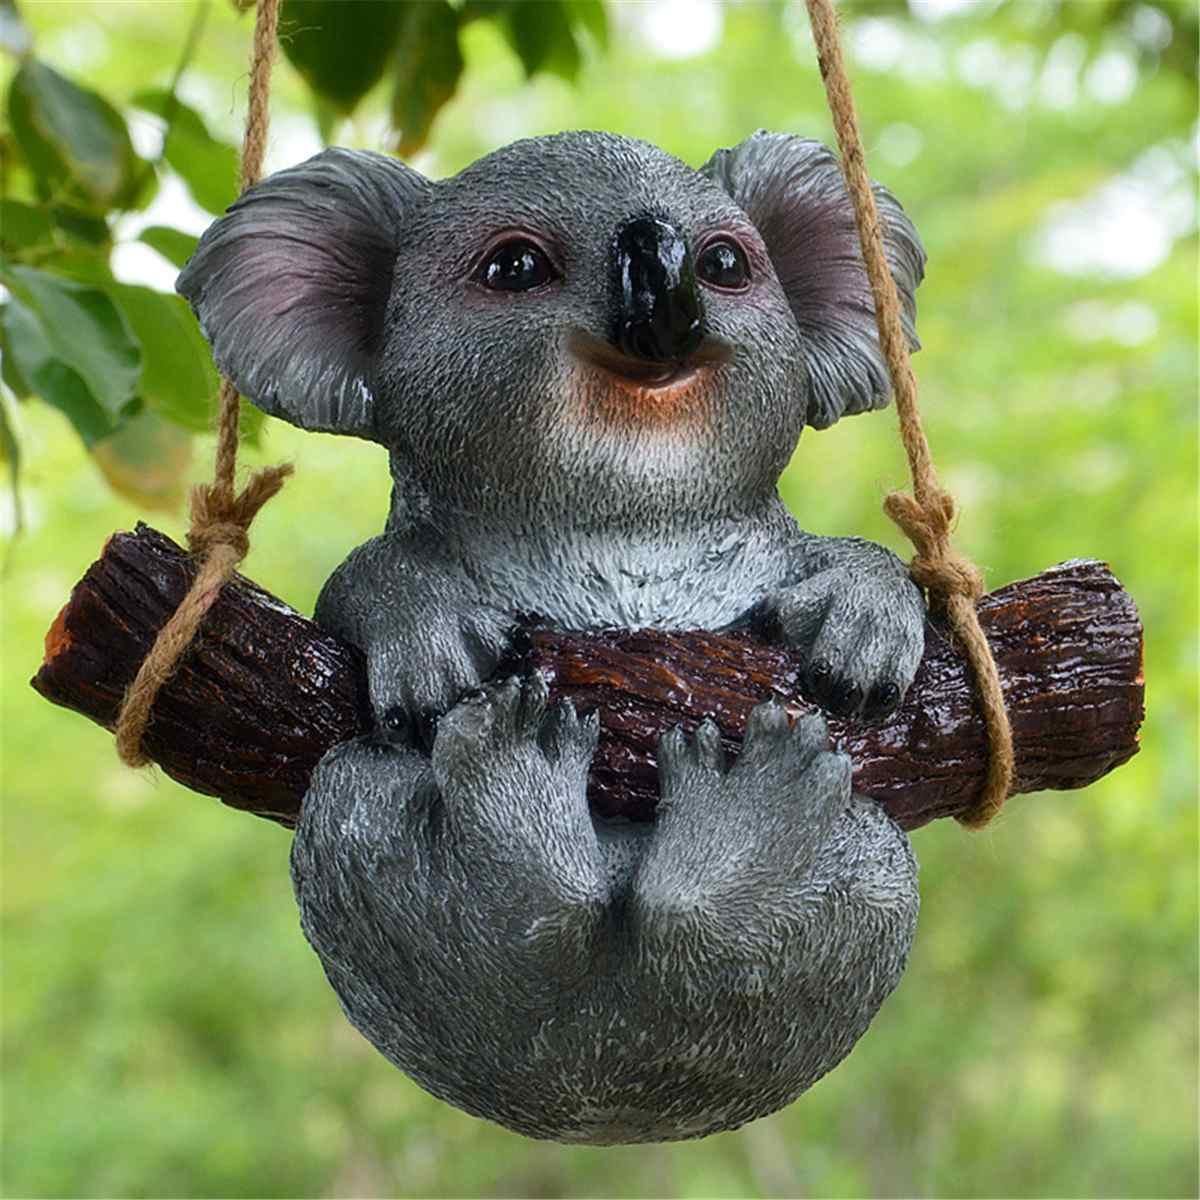 Figuras decorativas de Koala, estatua de Panda, escultura de animales en resina para jardín, decoración del hogar, 1/Uds. Invernadero pequeño para jardín, cobertizo para jardín, invernadero de exterior para jardín, aislamiento doméstico, invernadero de 3 tamaños